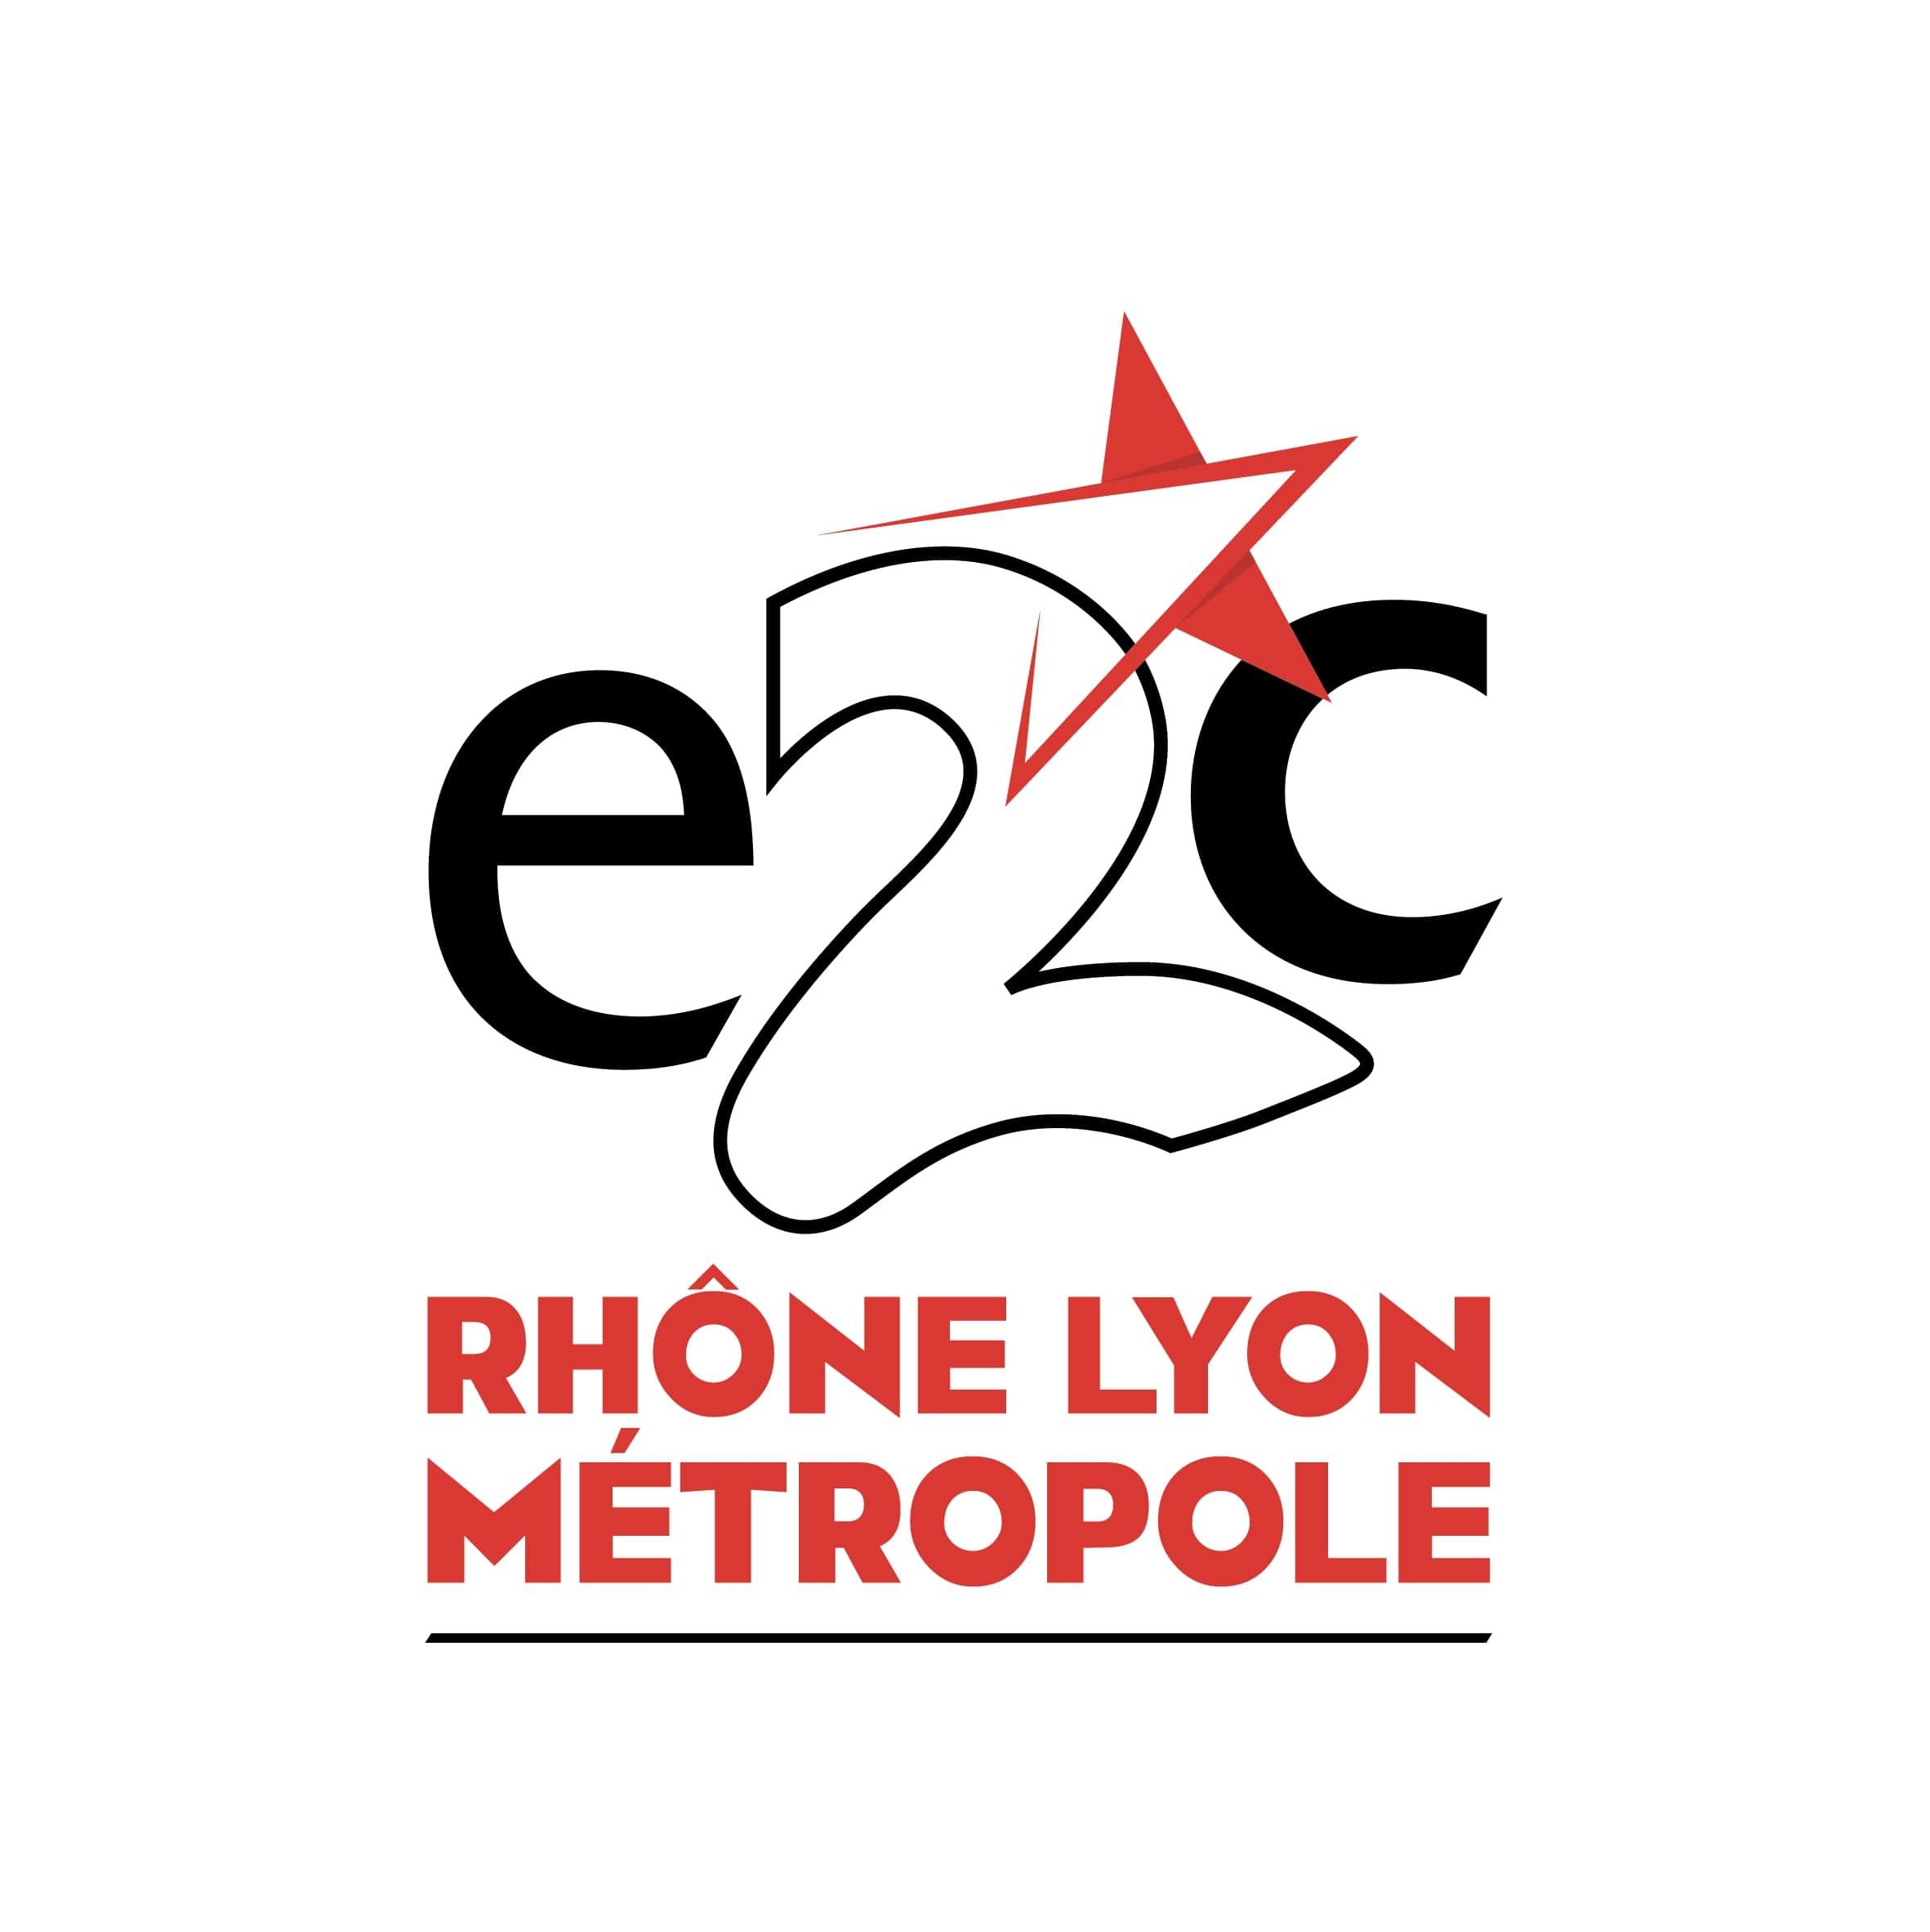 E2C Rhône Lyon Métropole